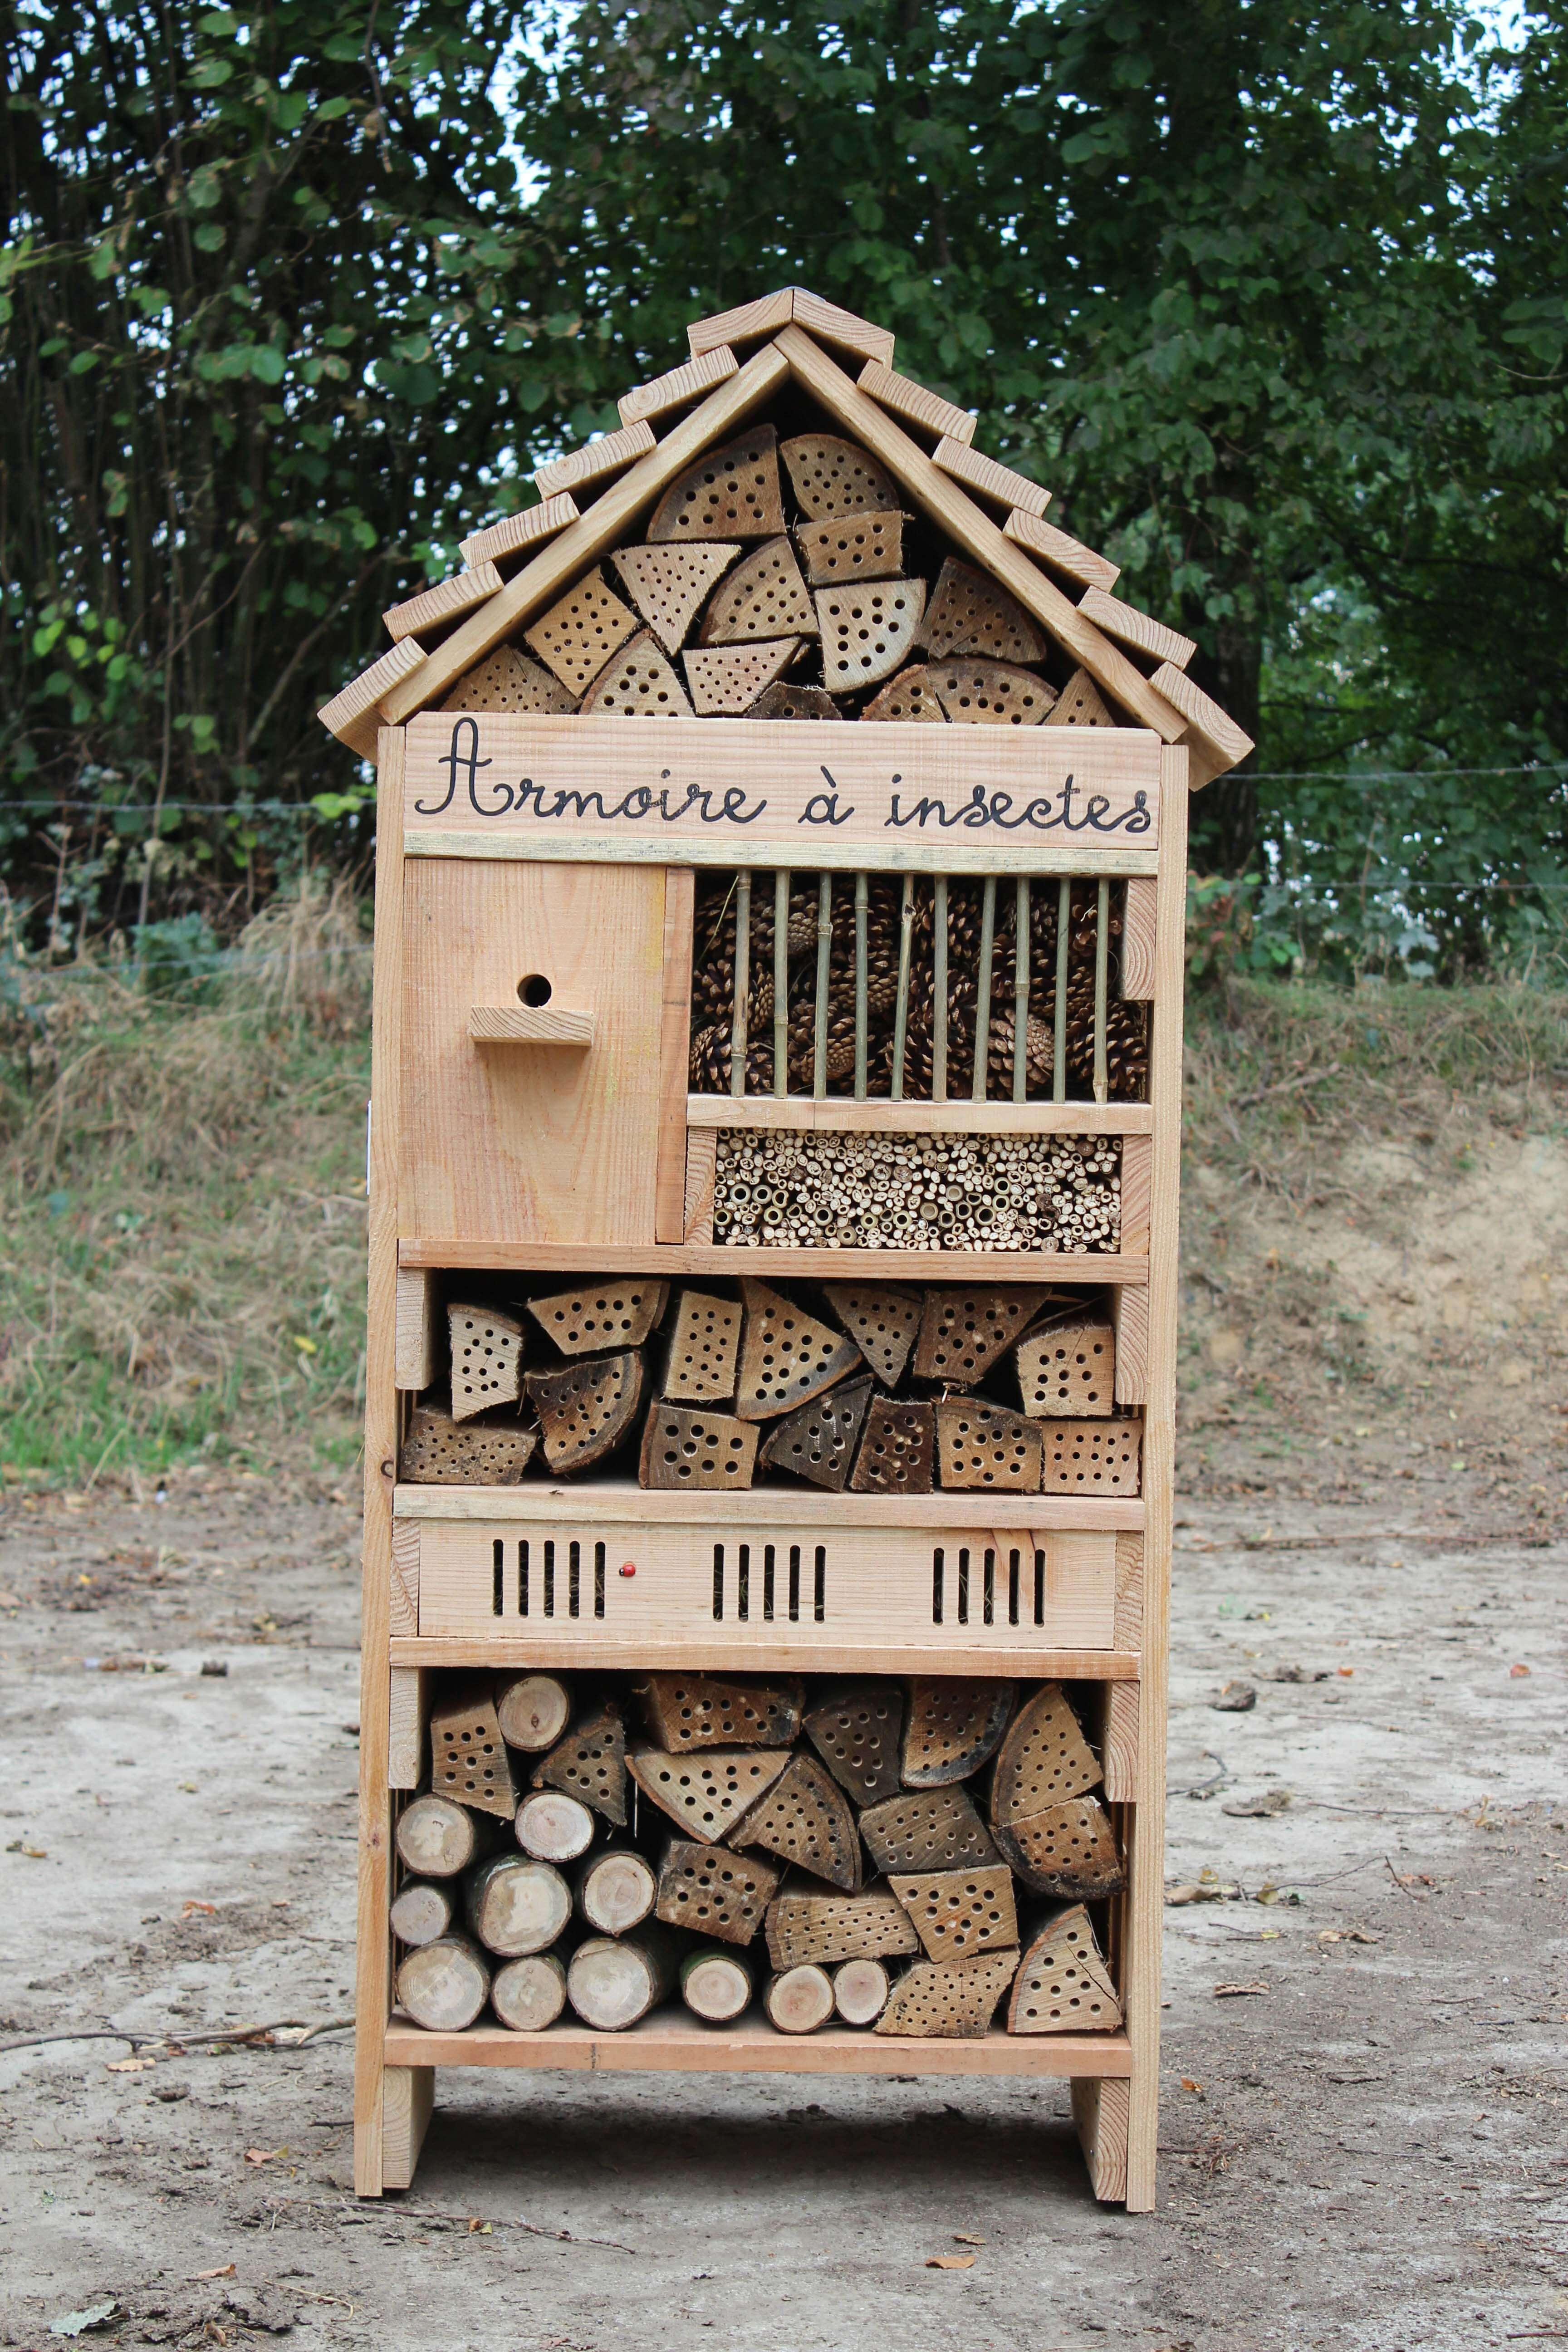 Armoire à insectes © option bourdons